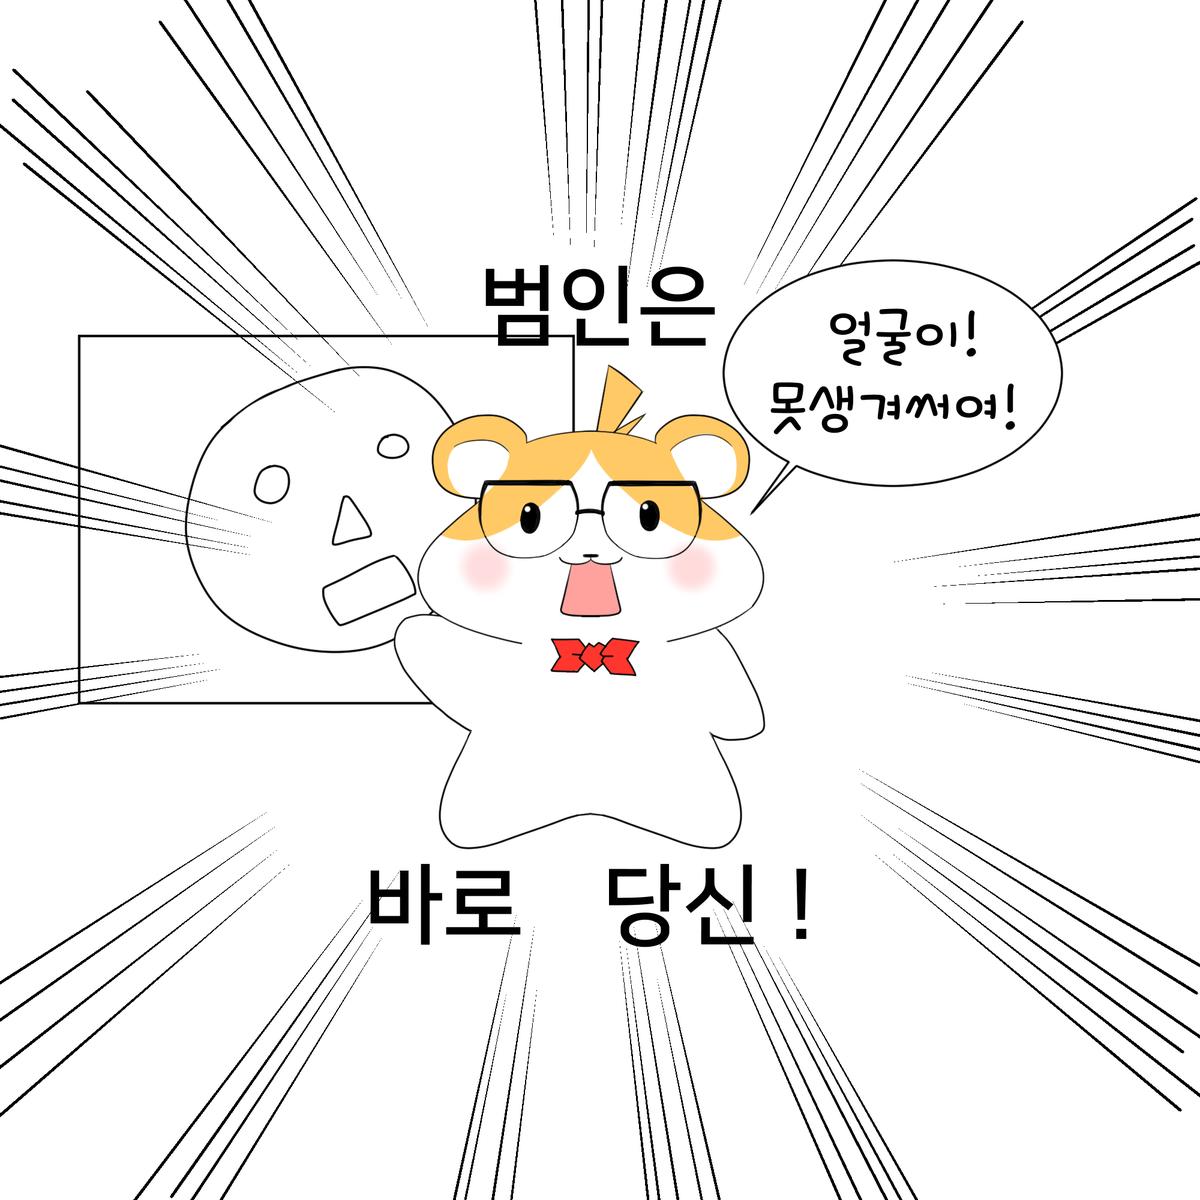 귀여운 멜로초쌤 그리기♡  #네오아카데미 #멜로초